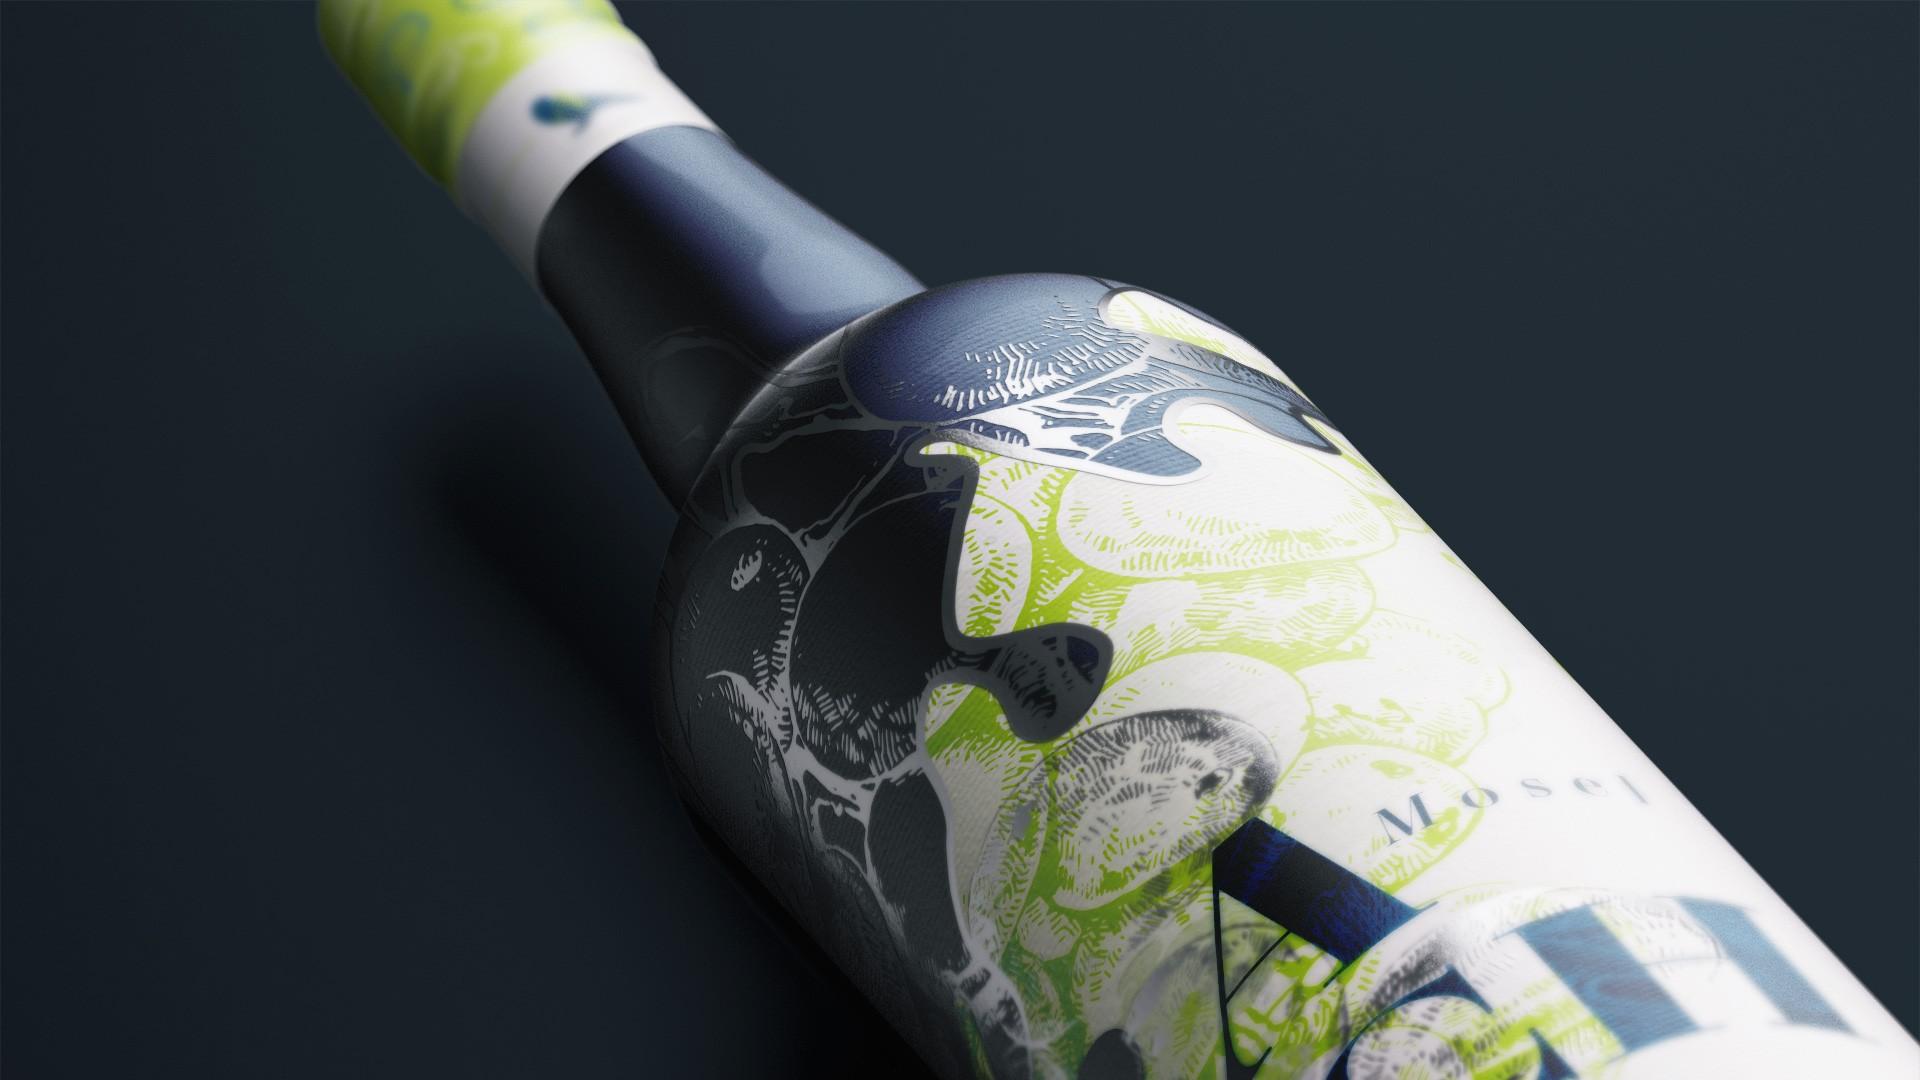 Projekt | Storytelling im Etiketten-Design | Markenentwicklung, Verpackungsdesign